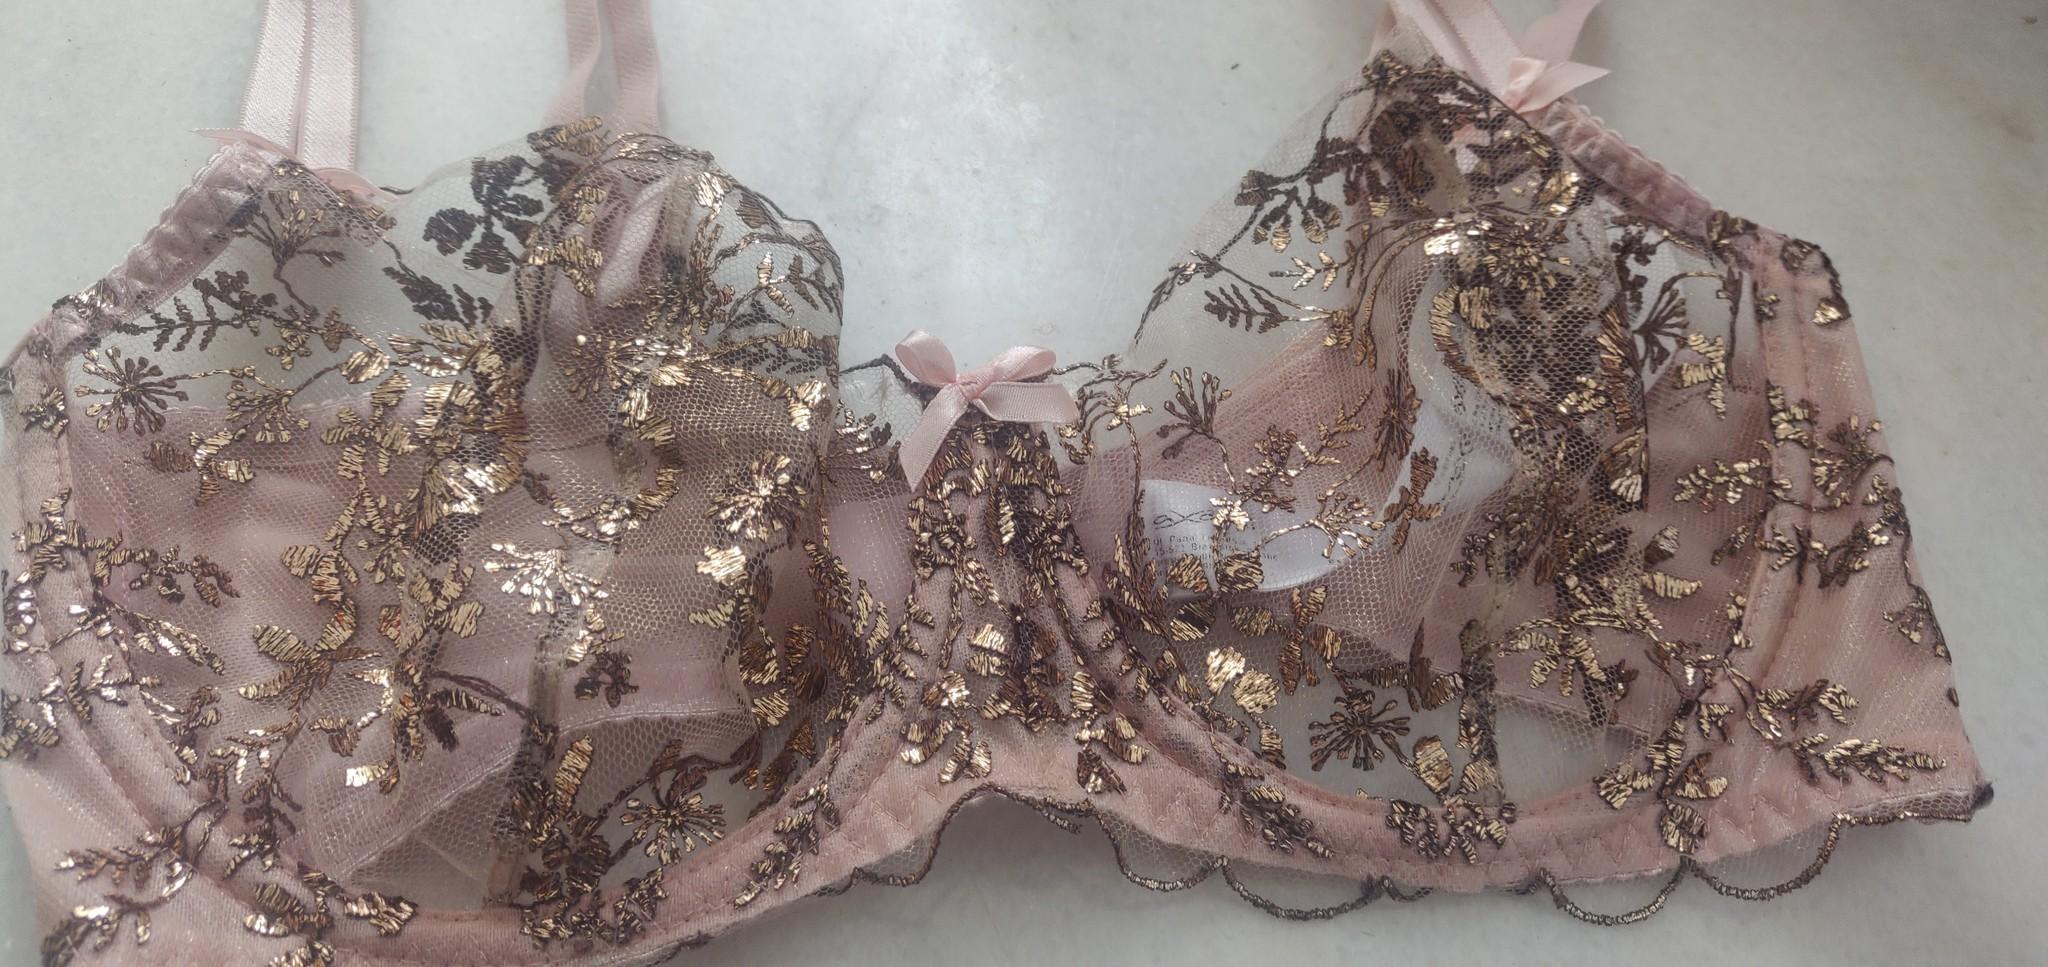 Doorzichtige beha roze met goud-3